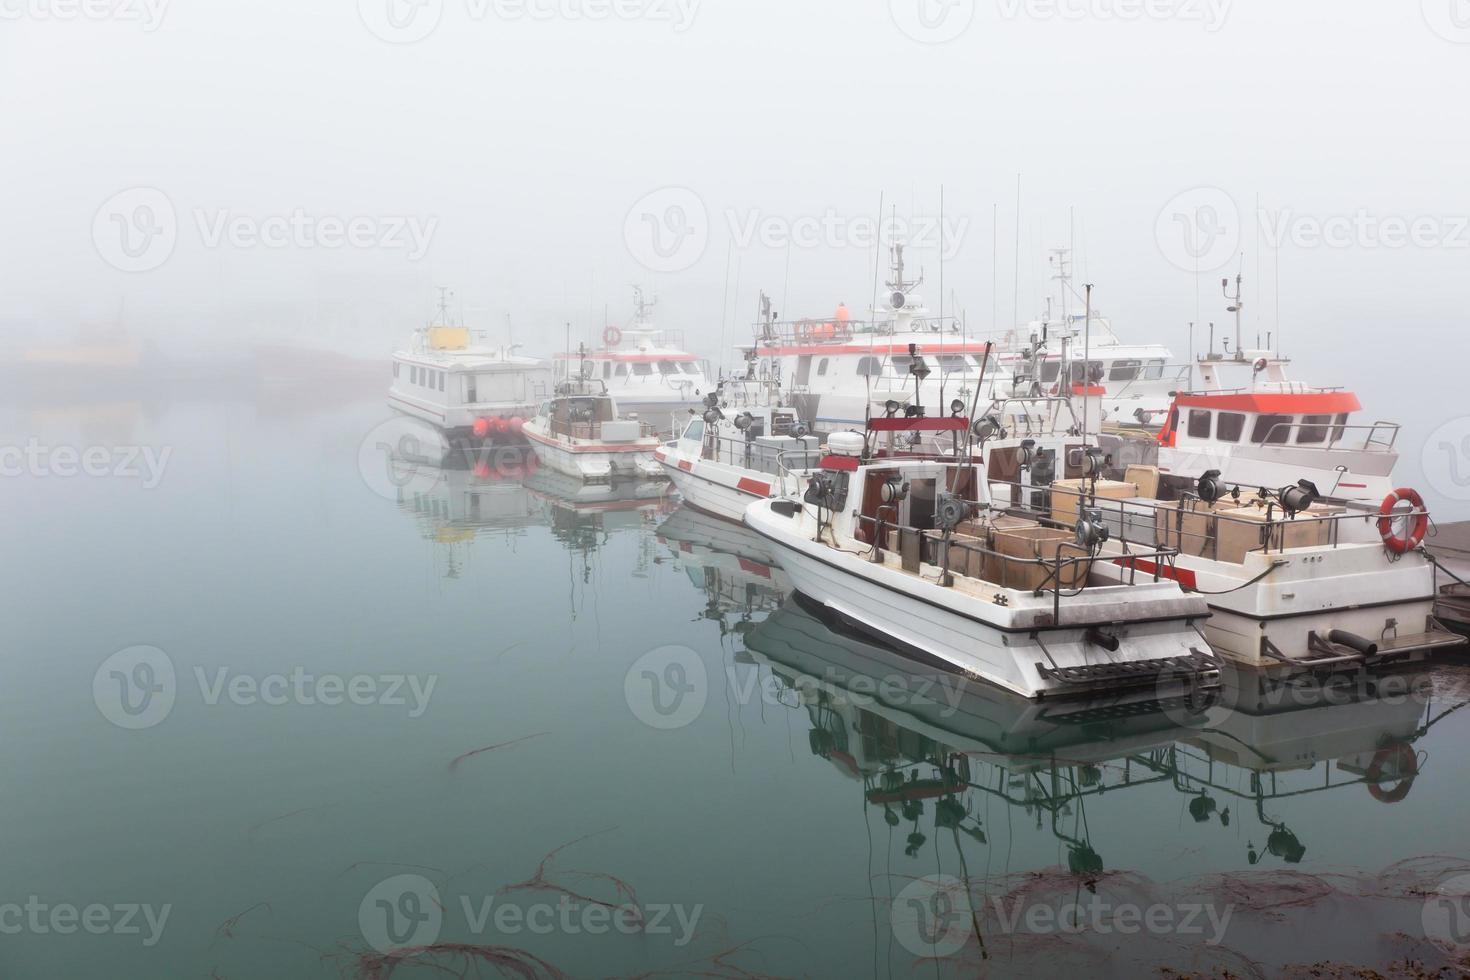 vissersvaartuig in een mistige mistige ochtend foto